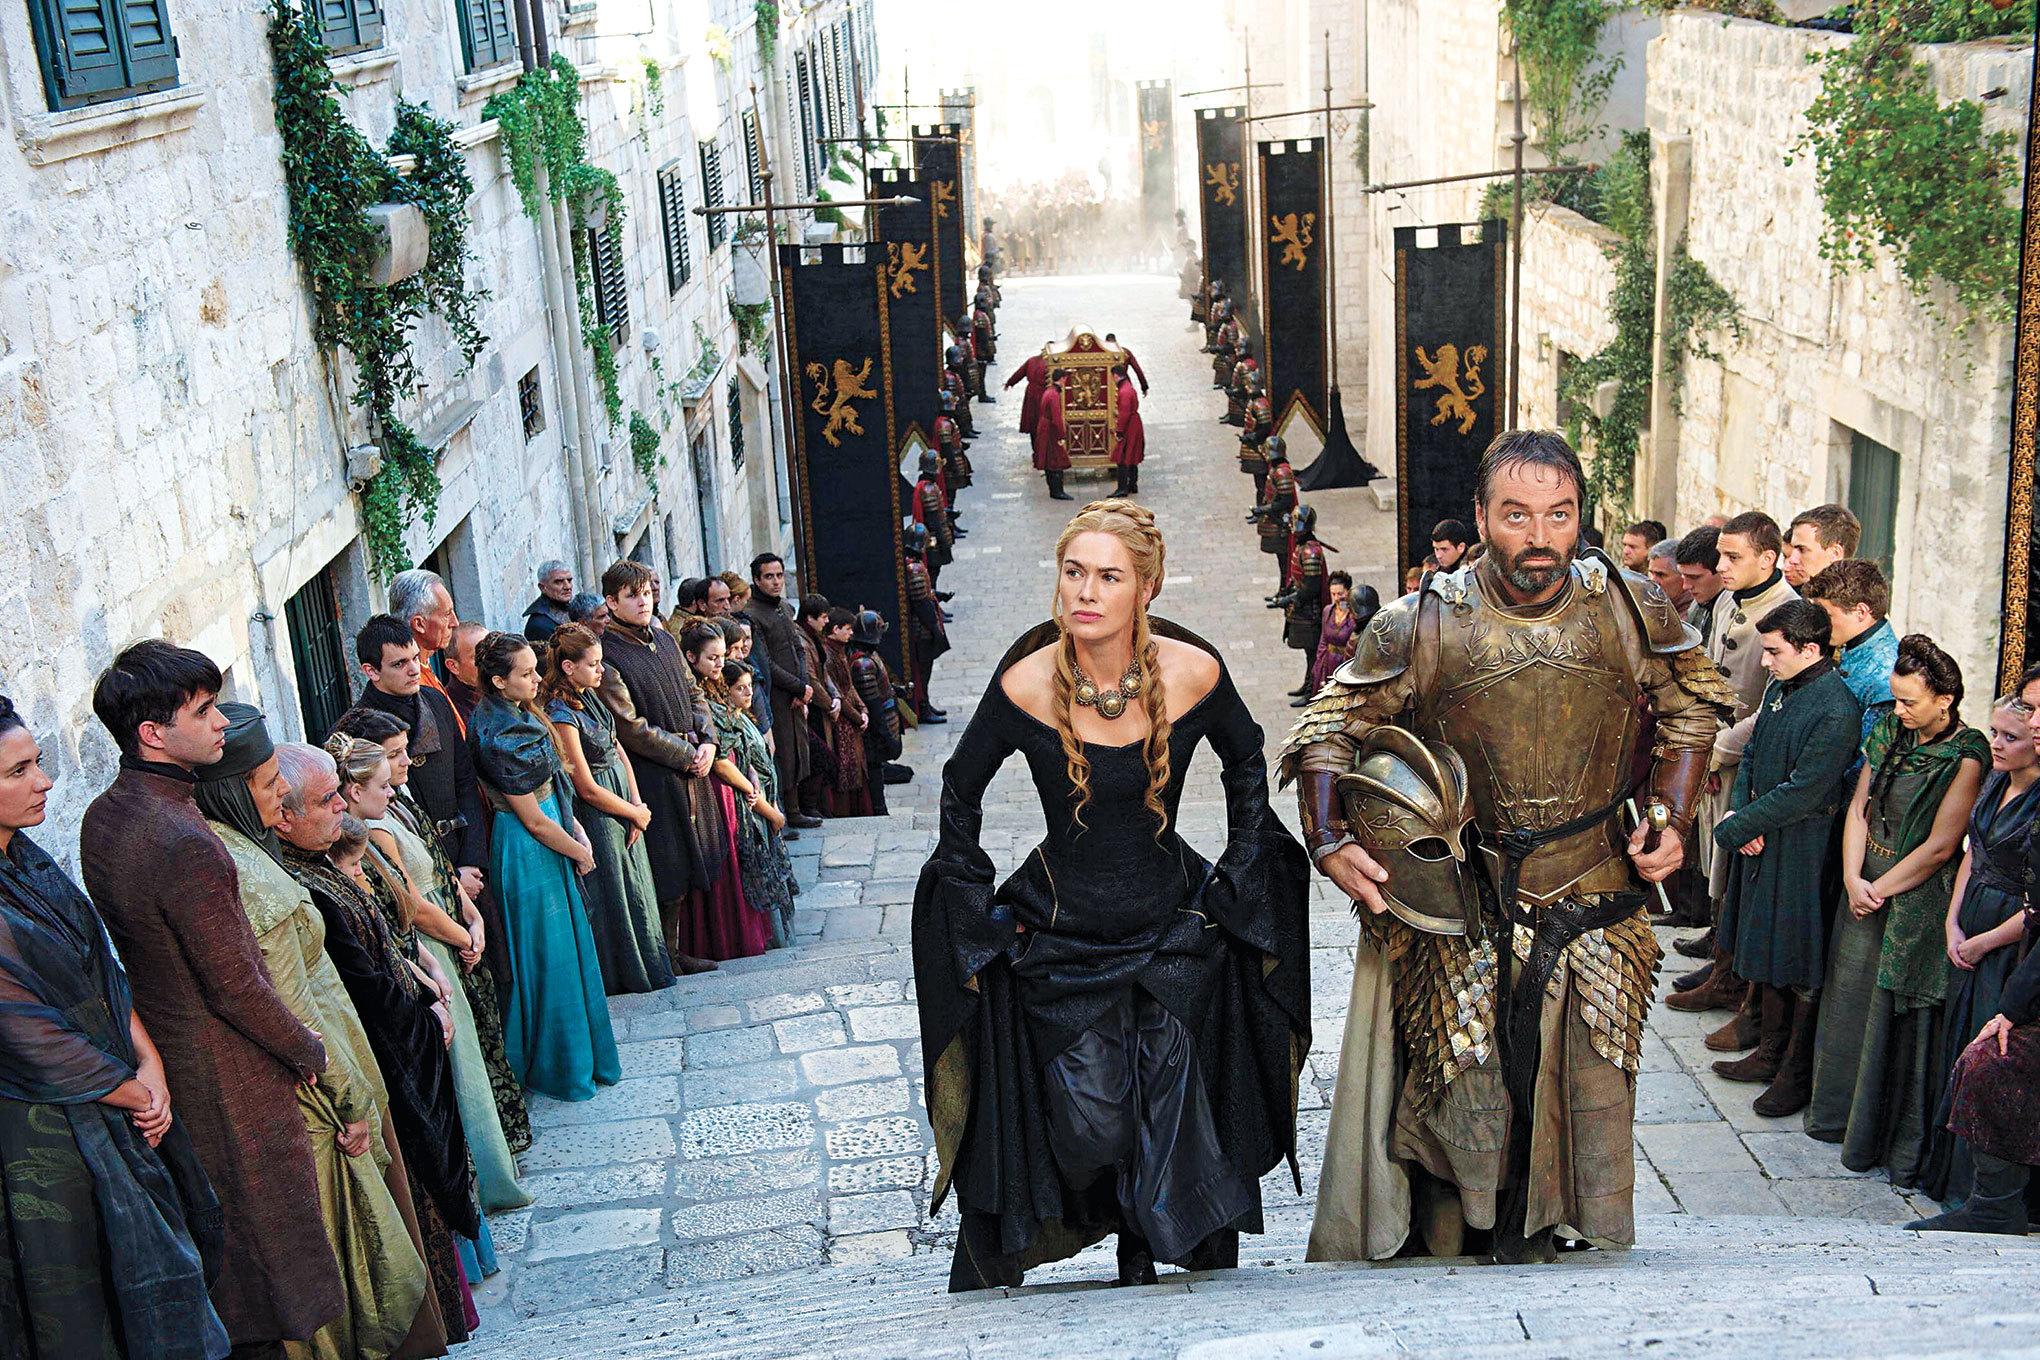 Fer una ruta 'Game of Thrones' per Girona